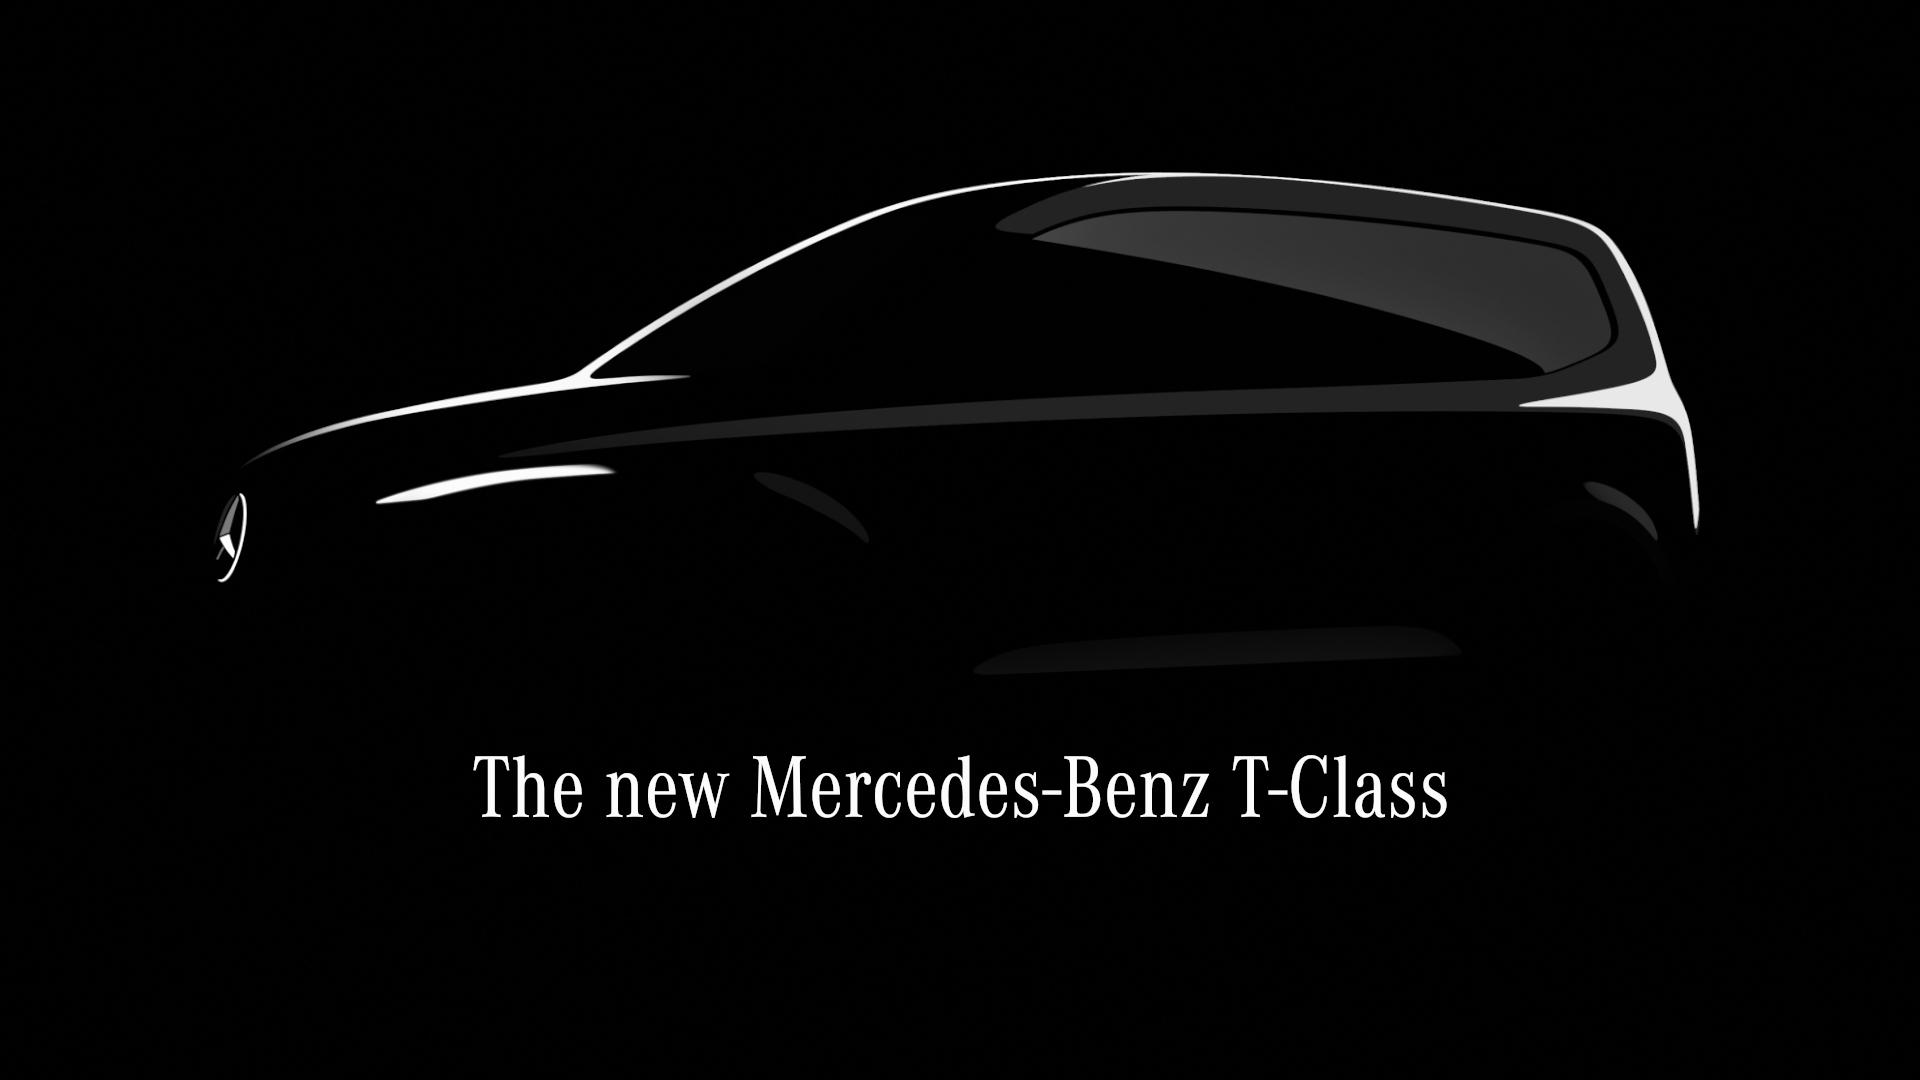 Nya Mercedes-Benz T-Klass: urban minivan för den aktiva familjen